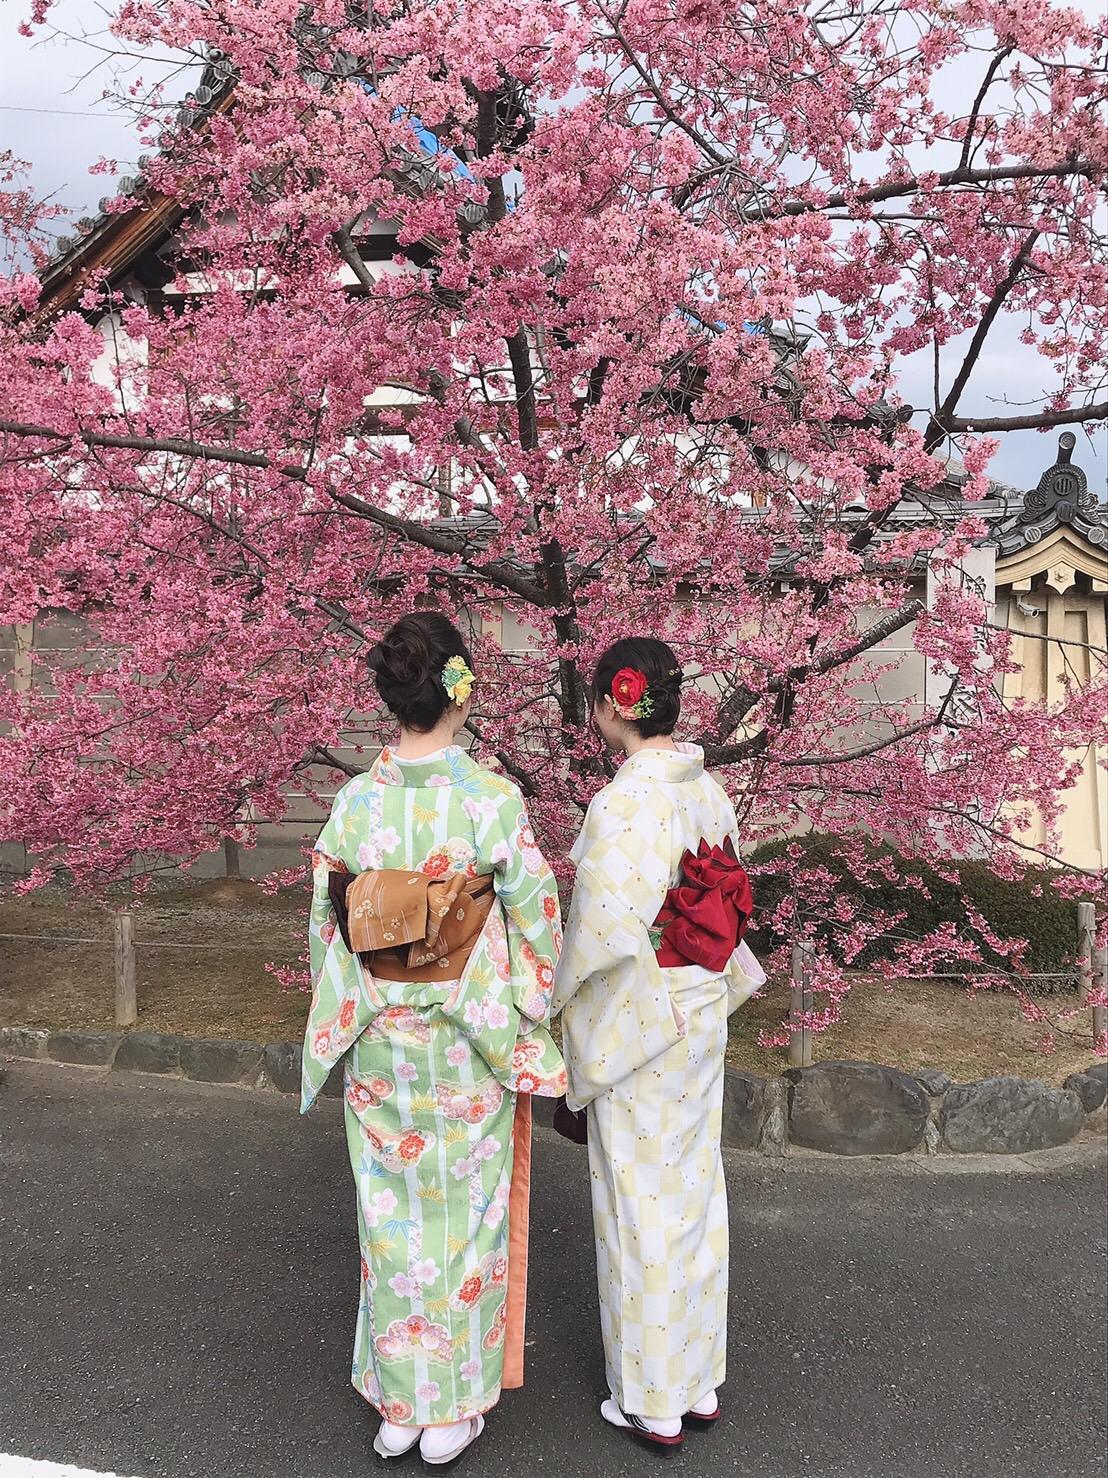 広島から卒業旅行の大学生♡2019年3月14日11